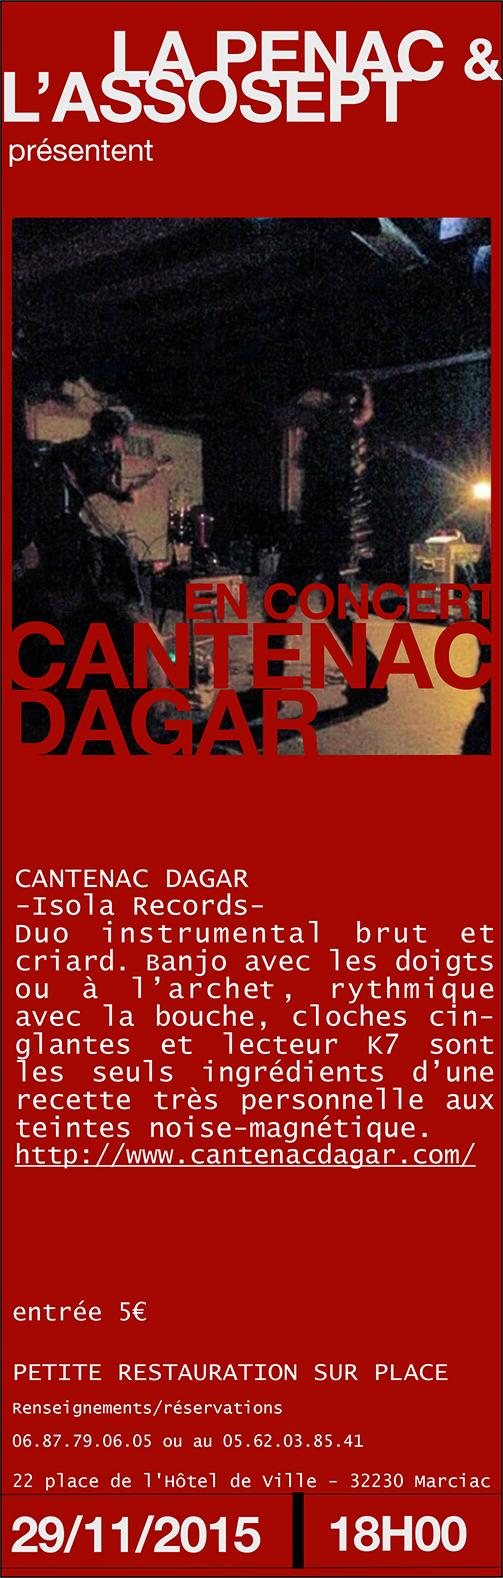 CANTENAC DAGAR